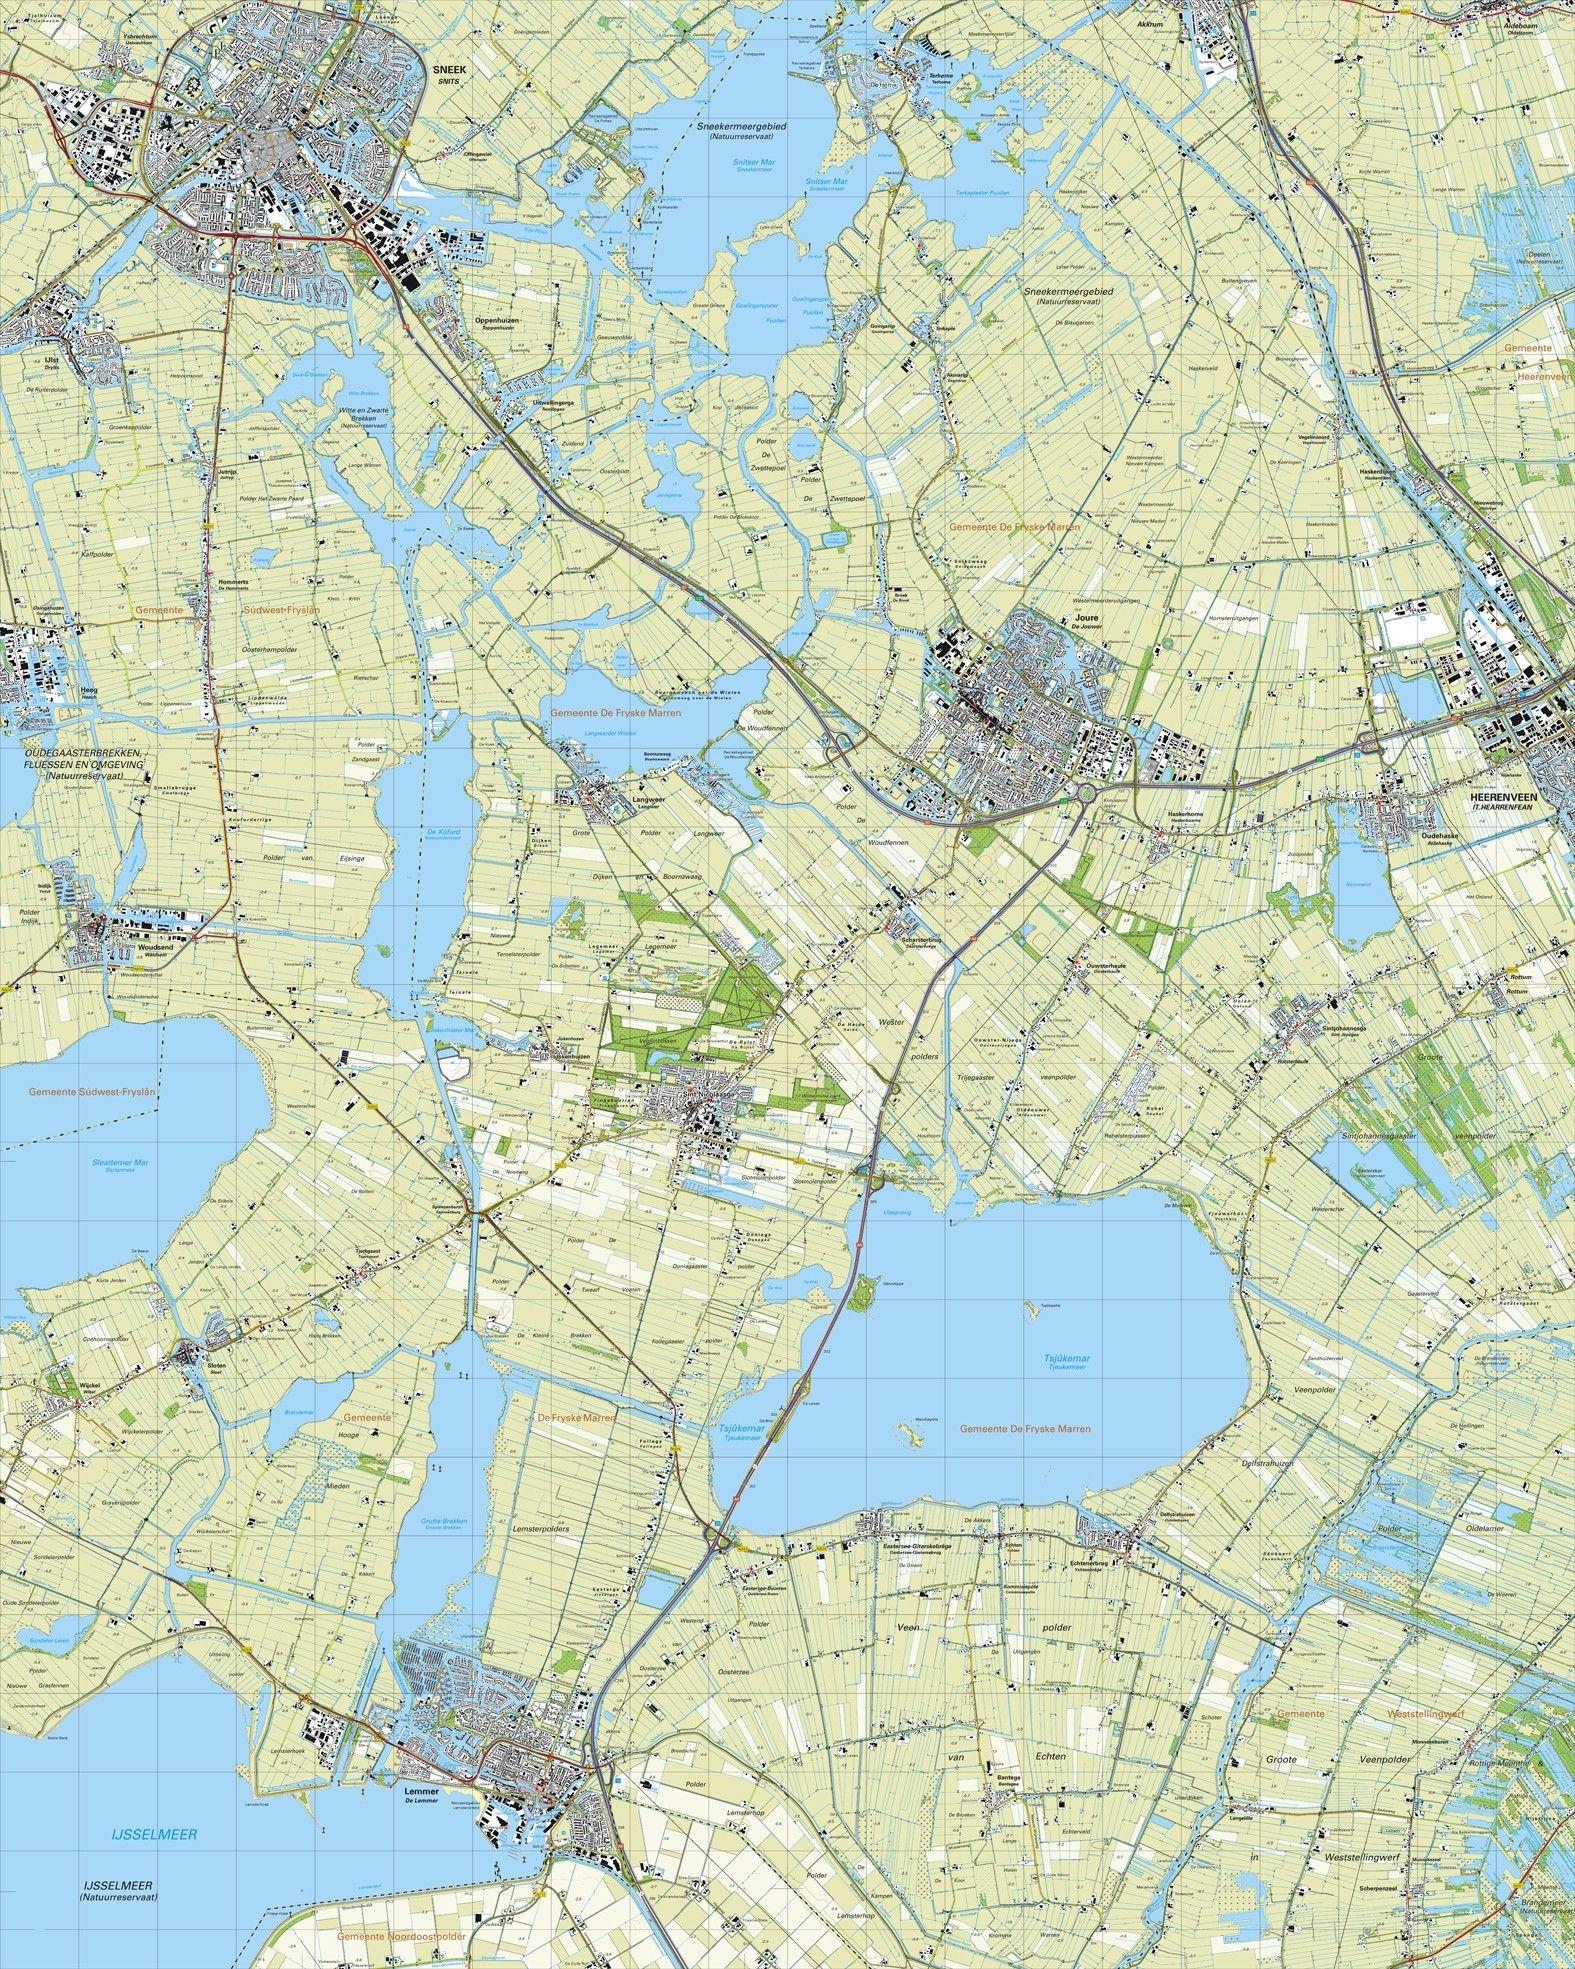 Topografische kaart schaal 1:25.000 (Sneek, Joure, Heernveen, Lemmer, Woudsend)